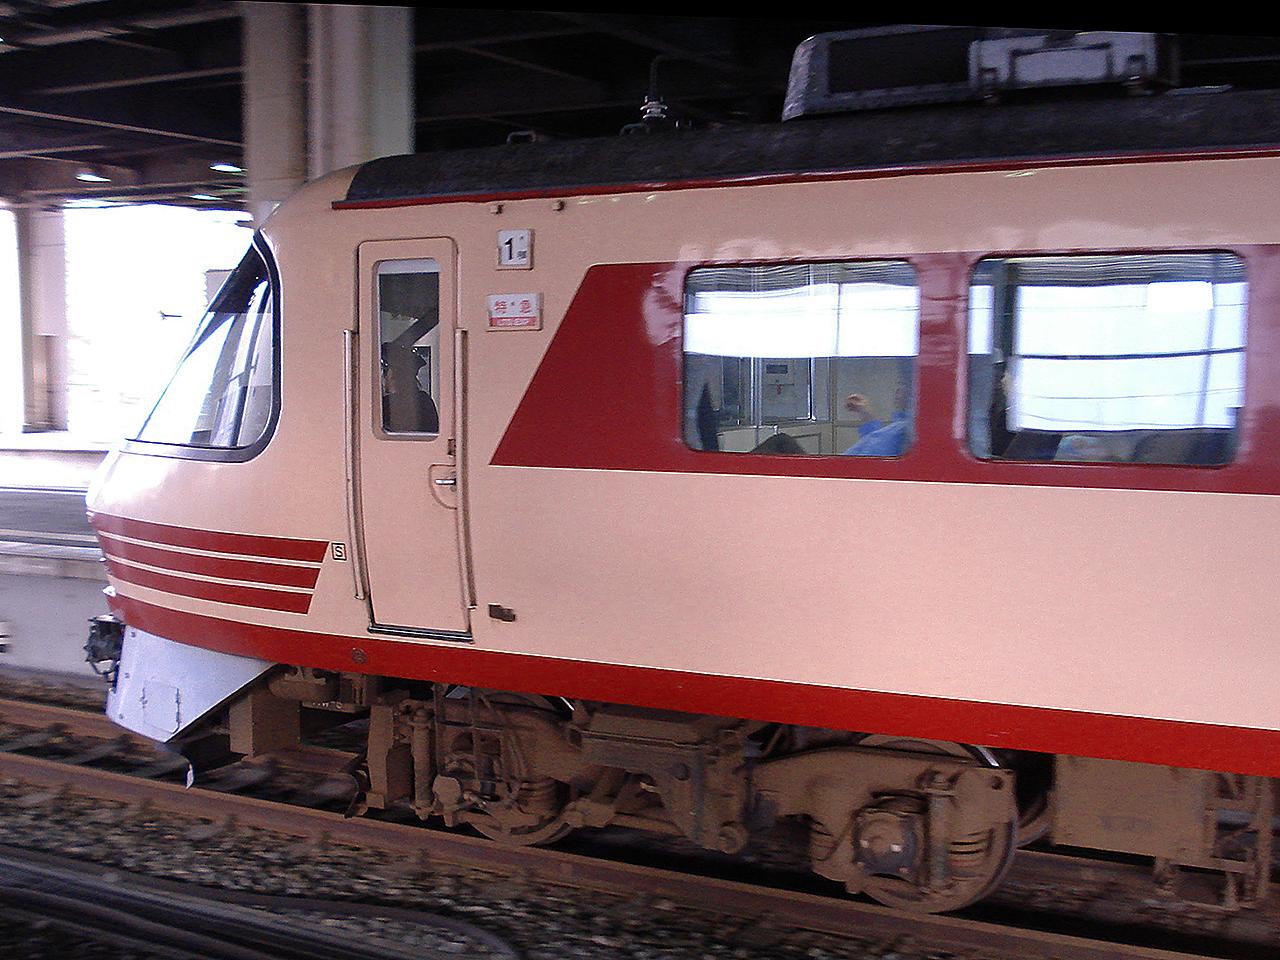 http://moritetsu.info/train/img/DSC02360sssss.jpg